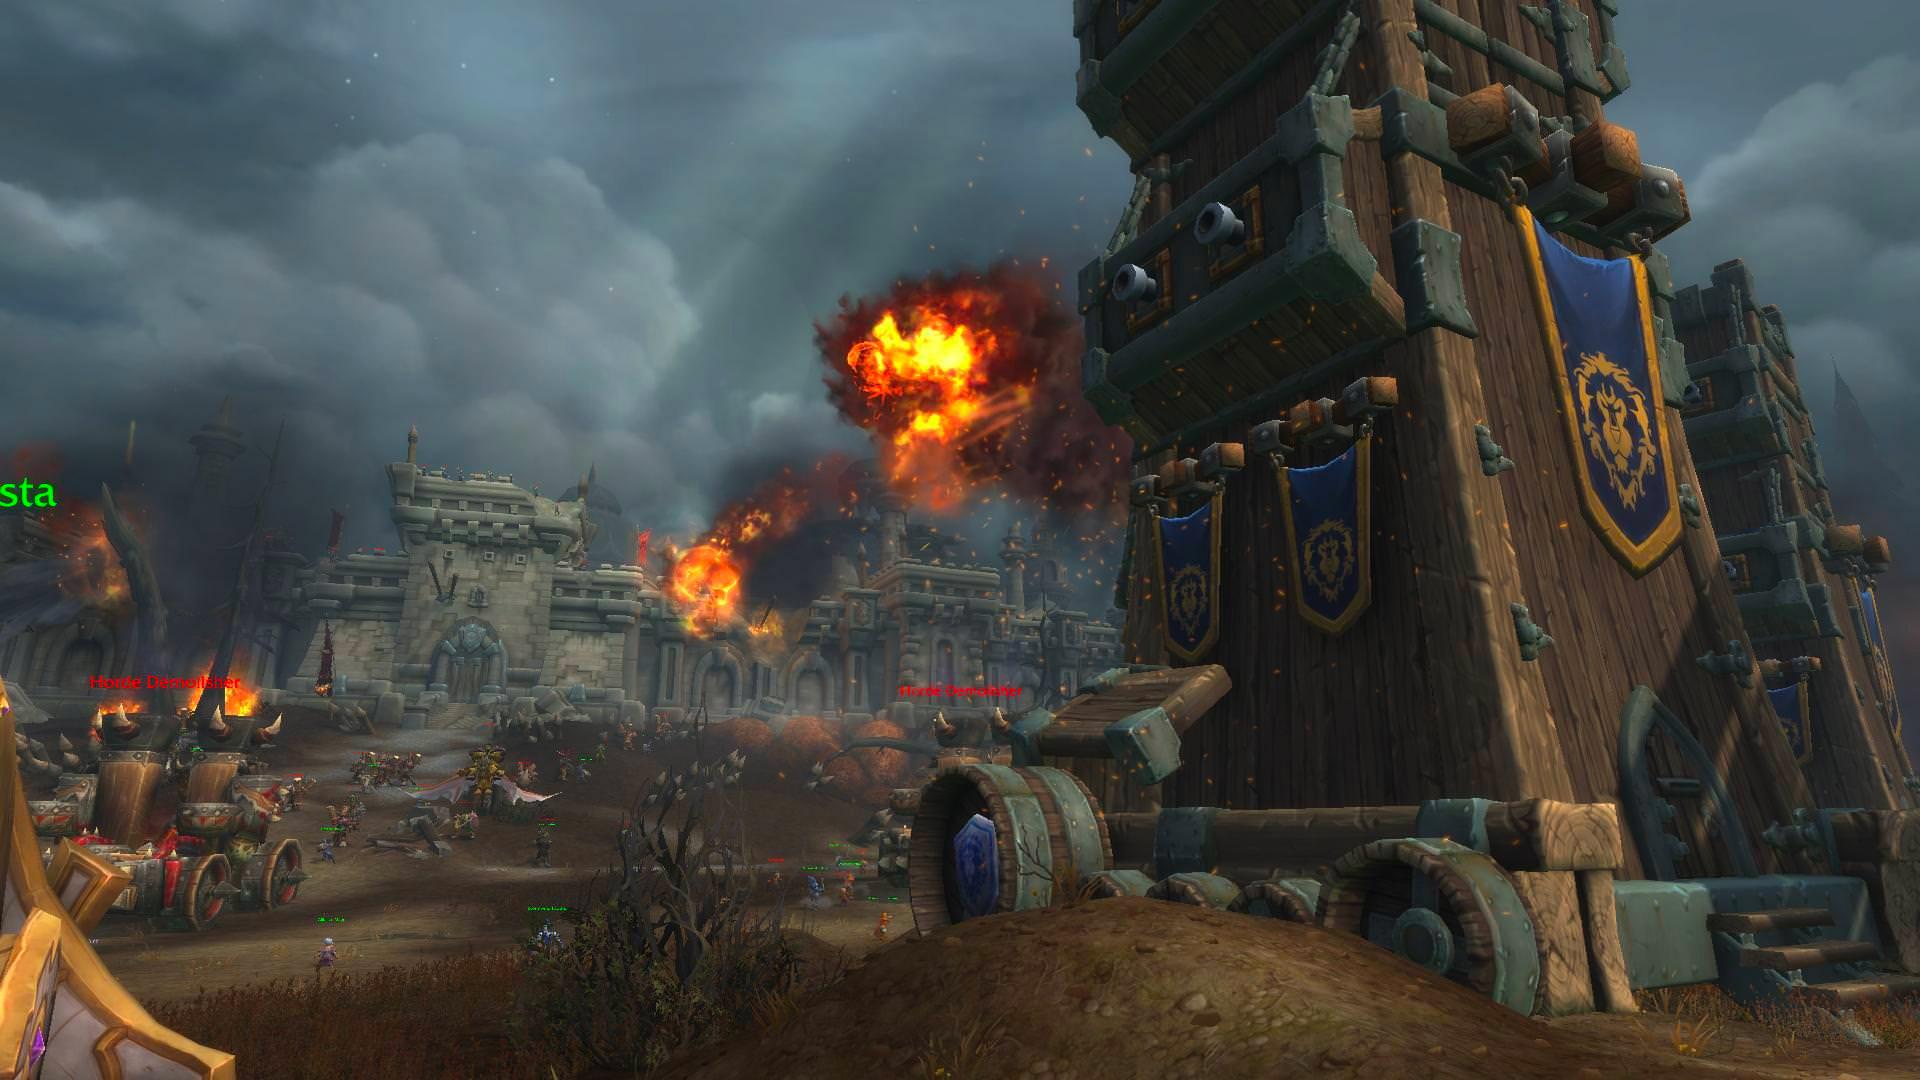 Le scénario Bataille de Lordaeron est disponible dans ce build